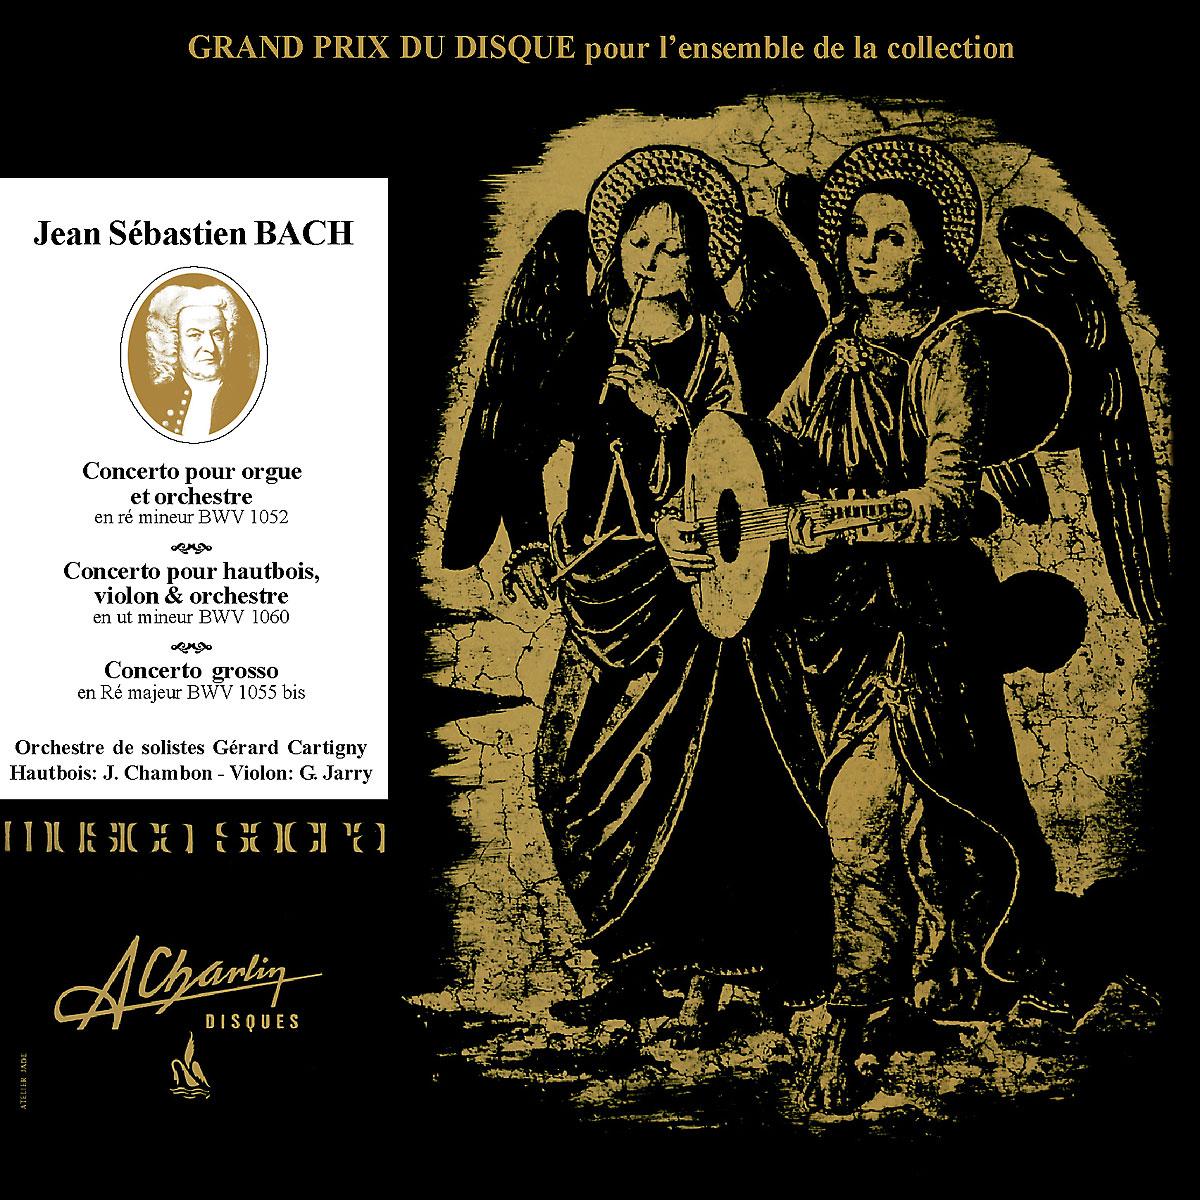 J. S. BACH - CL 578